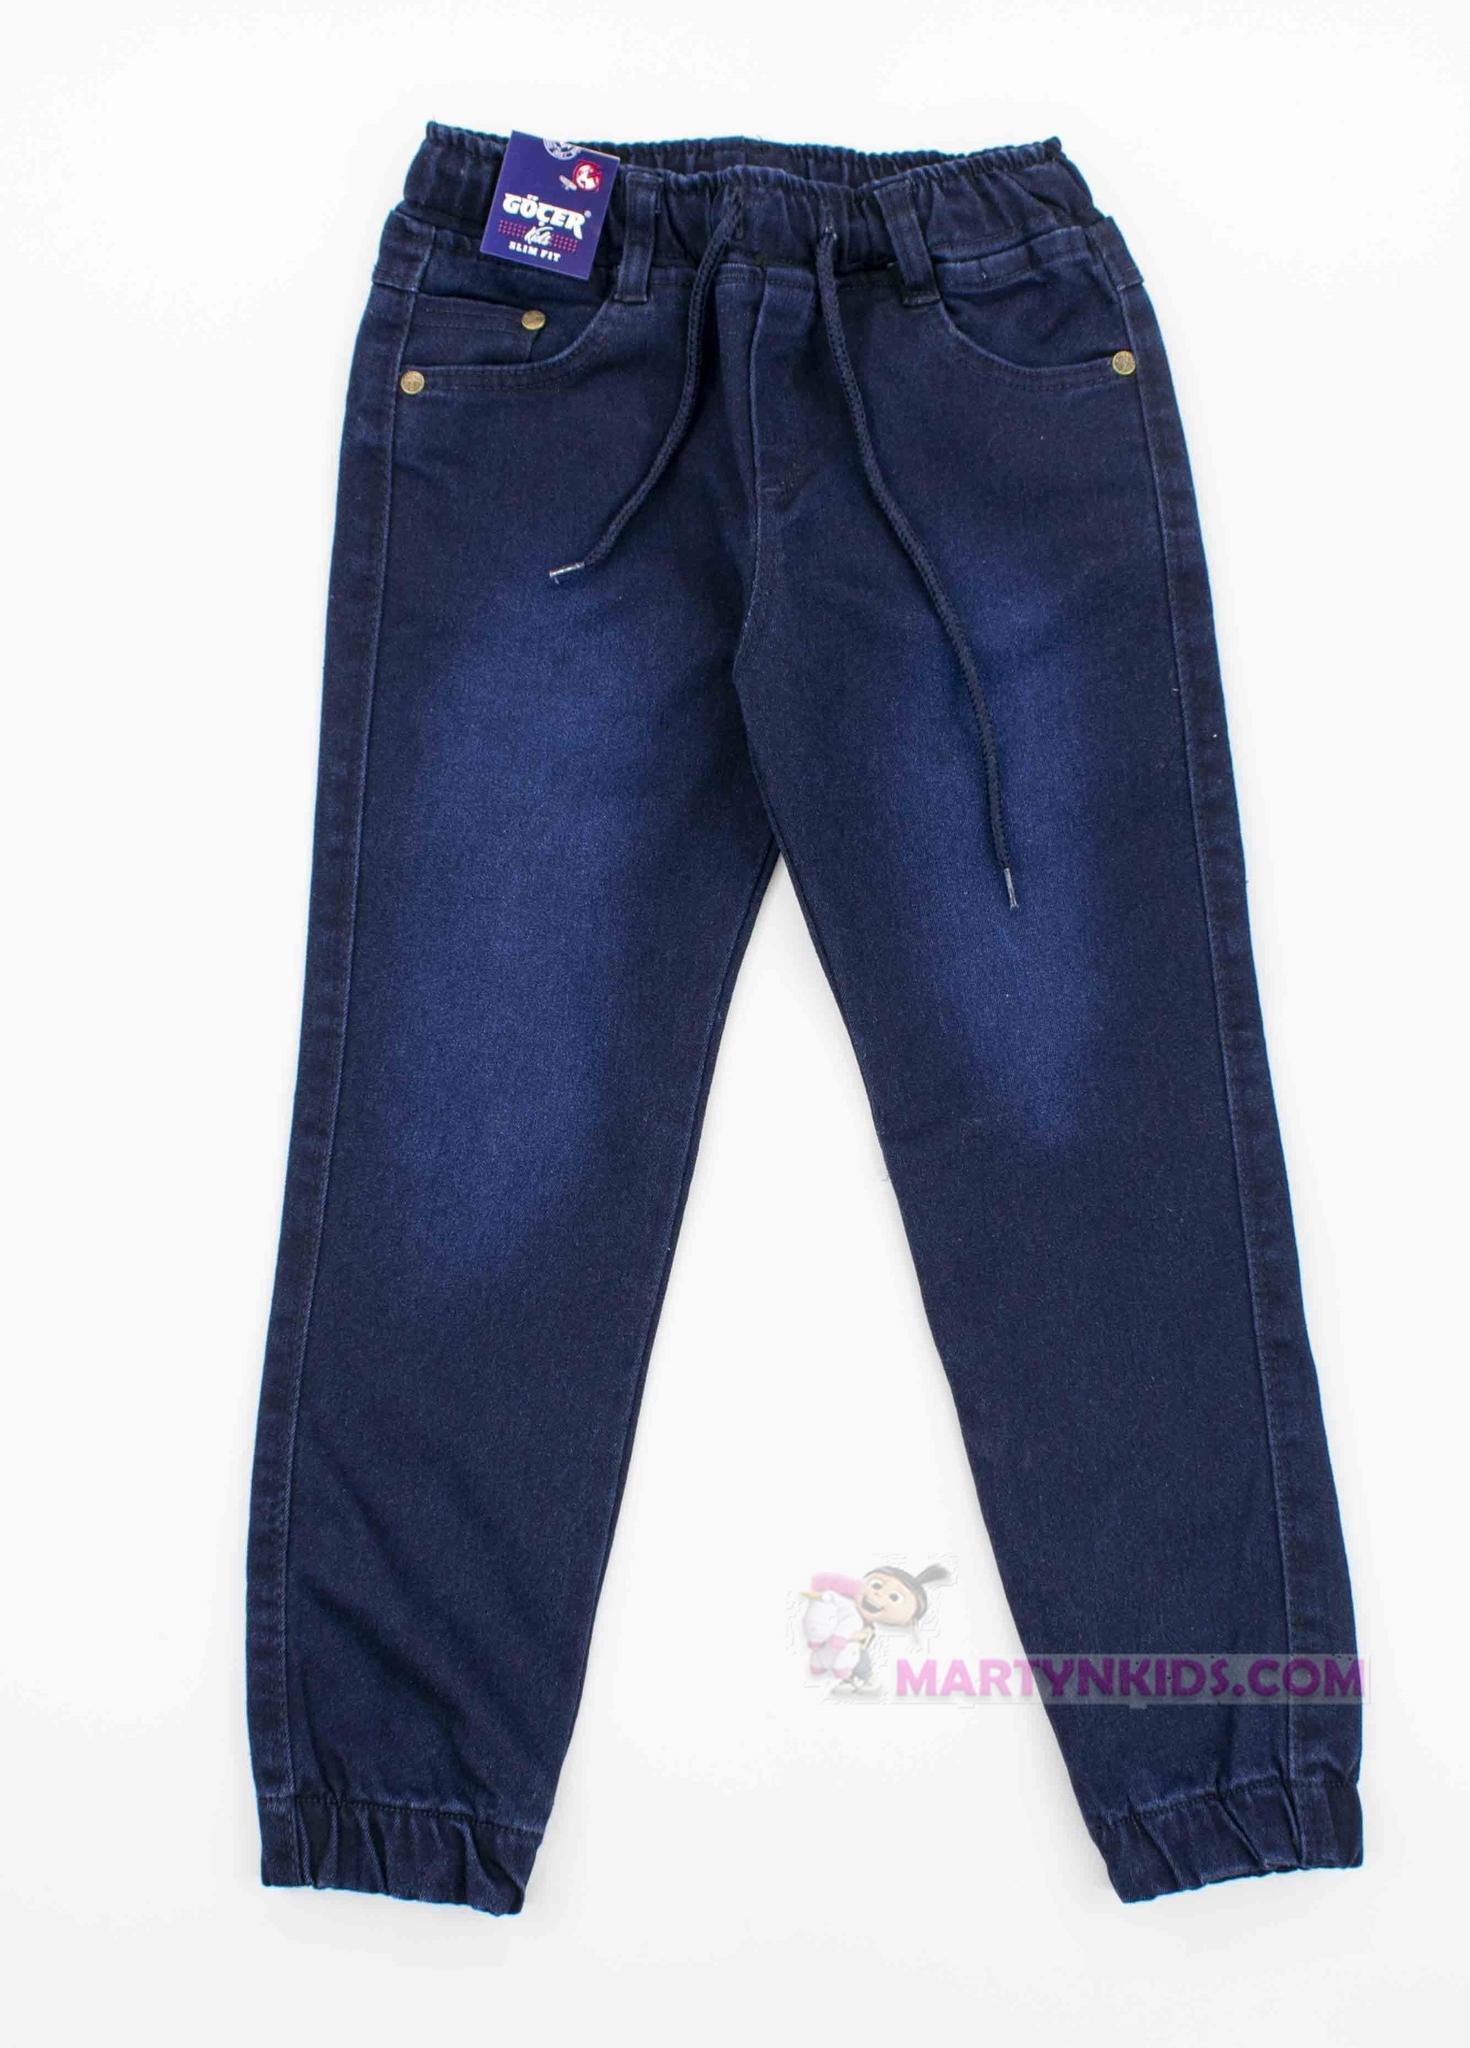 3906 джинсы на резинке флис GOCER подросток